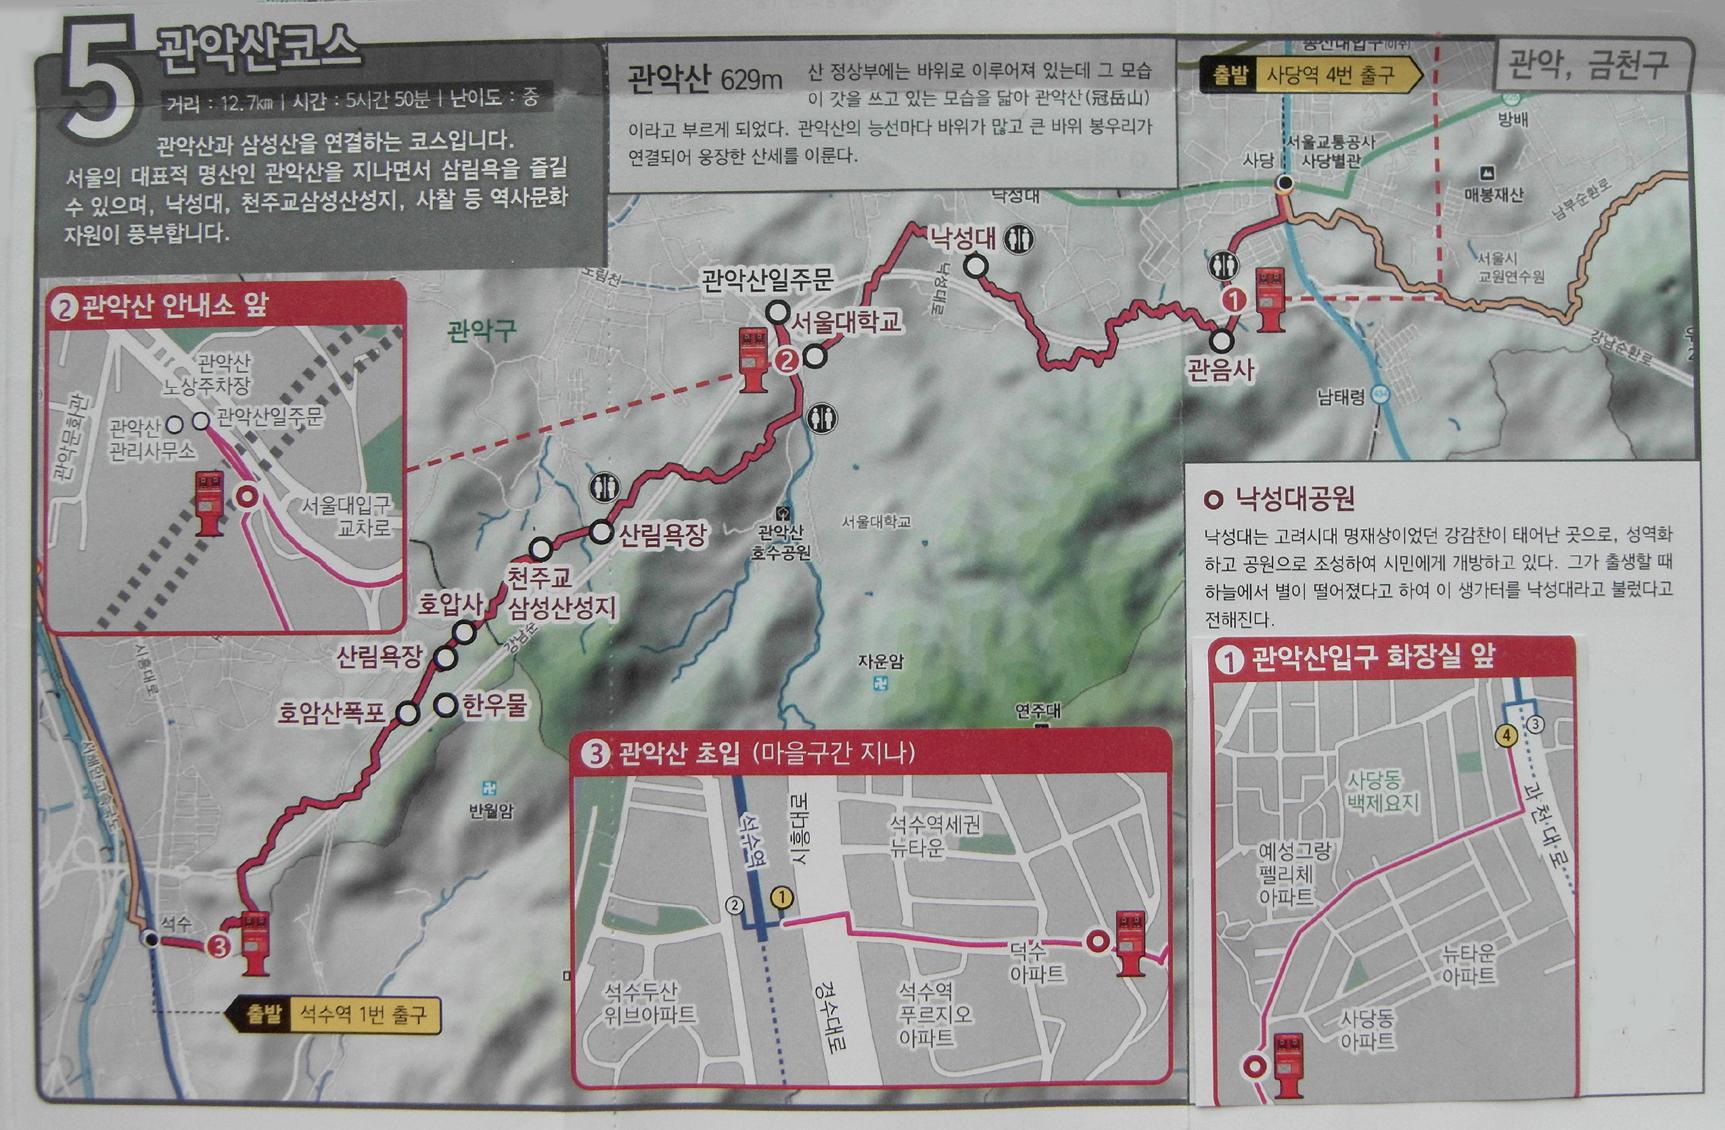 서울둘레길 5-1코스(관악산구간)- 사당역에서 낙성대지나 관악산일주문까지